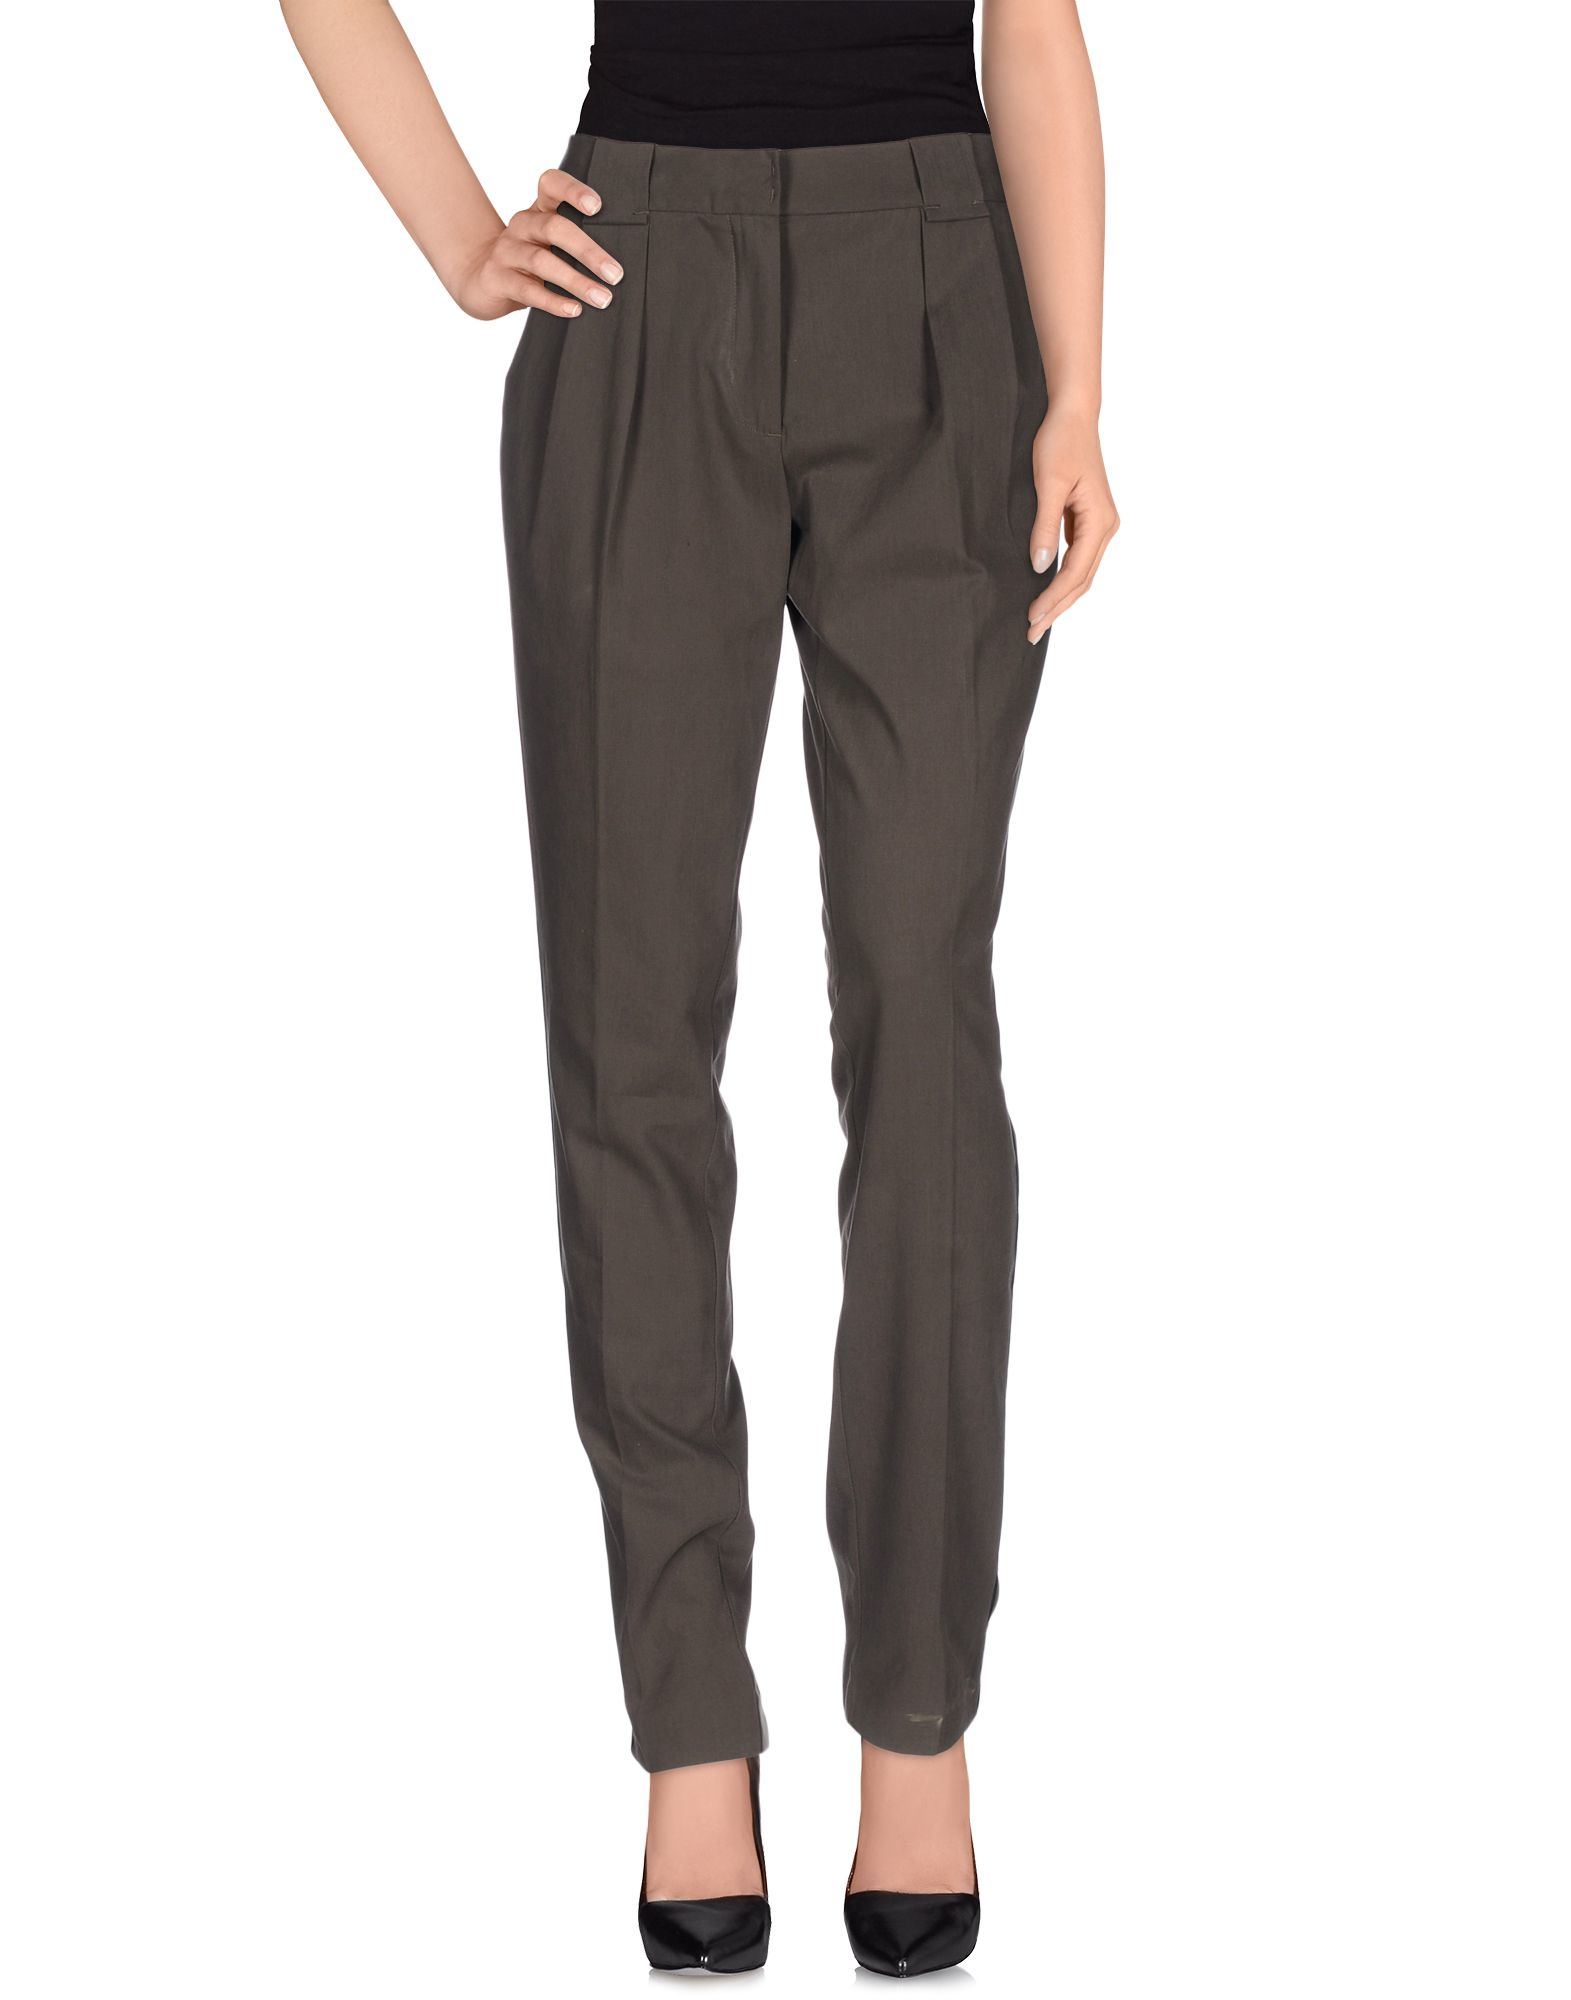 New Womens Dark Brown Pants  Pi Pants